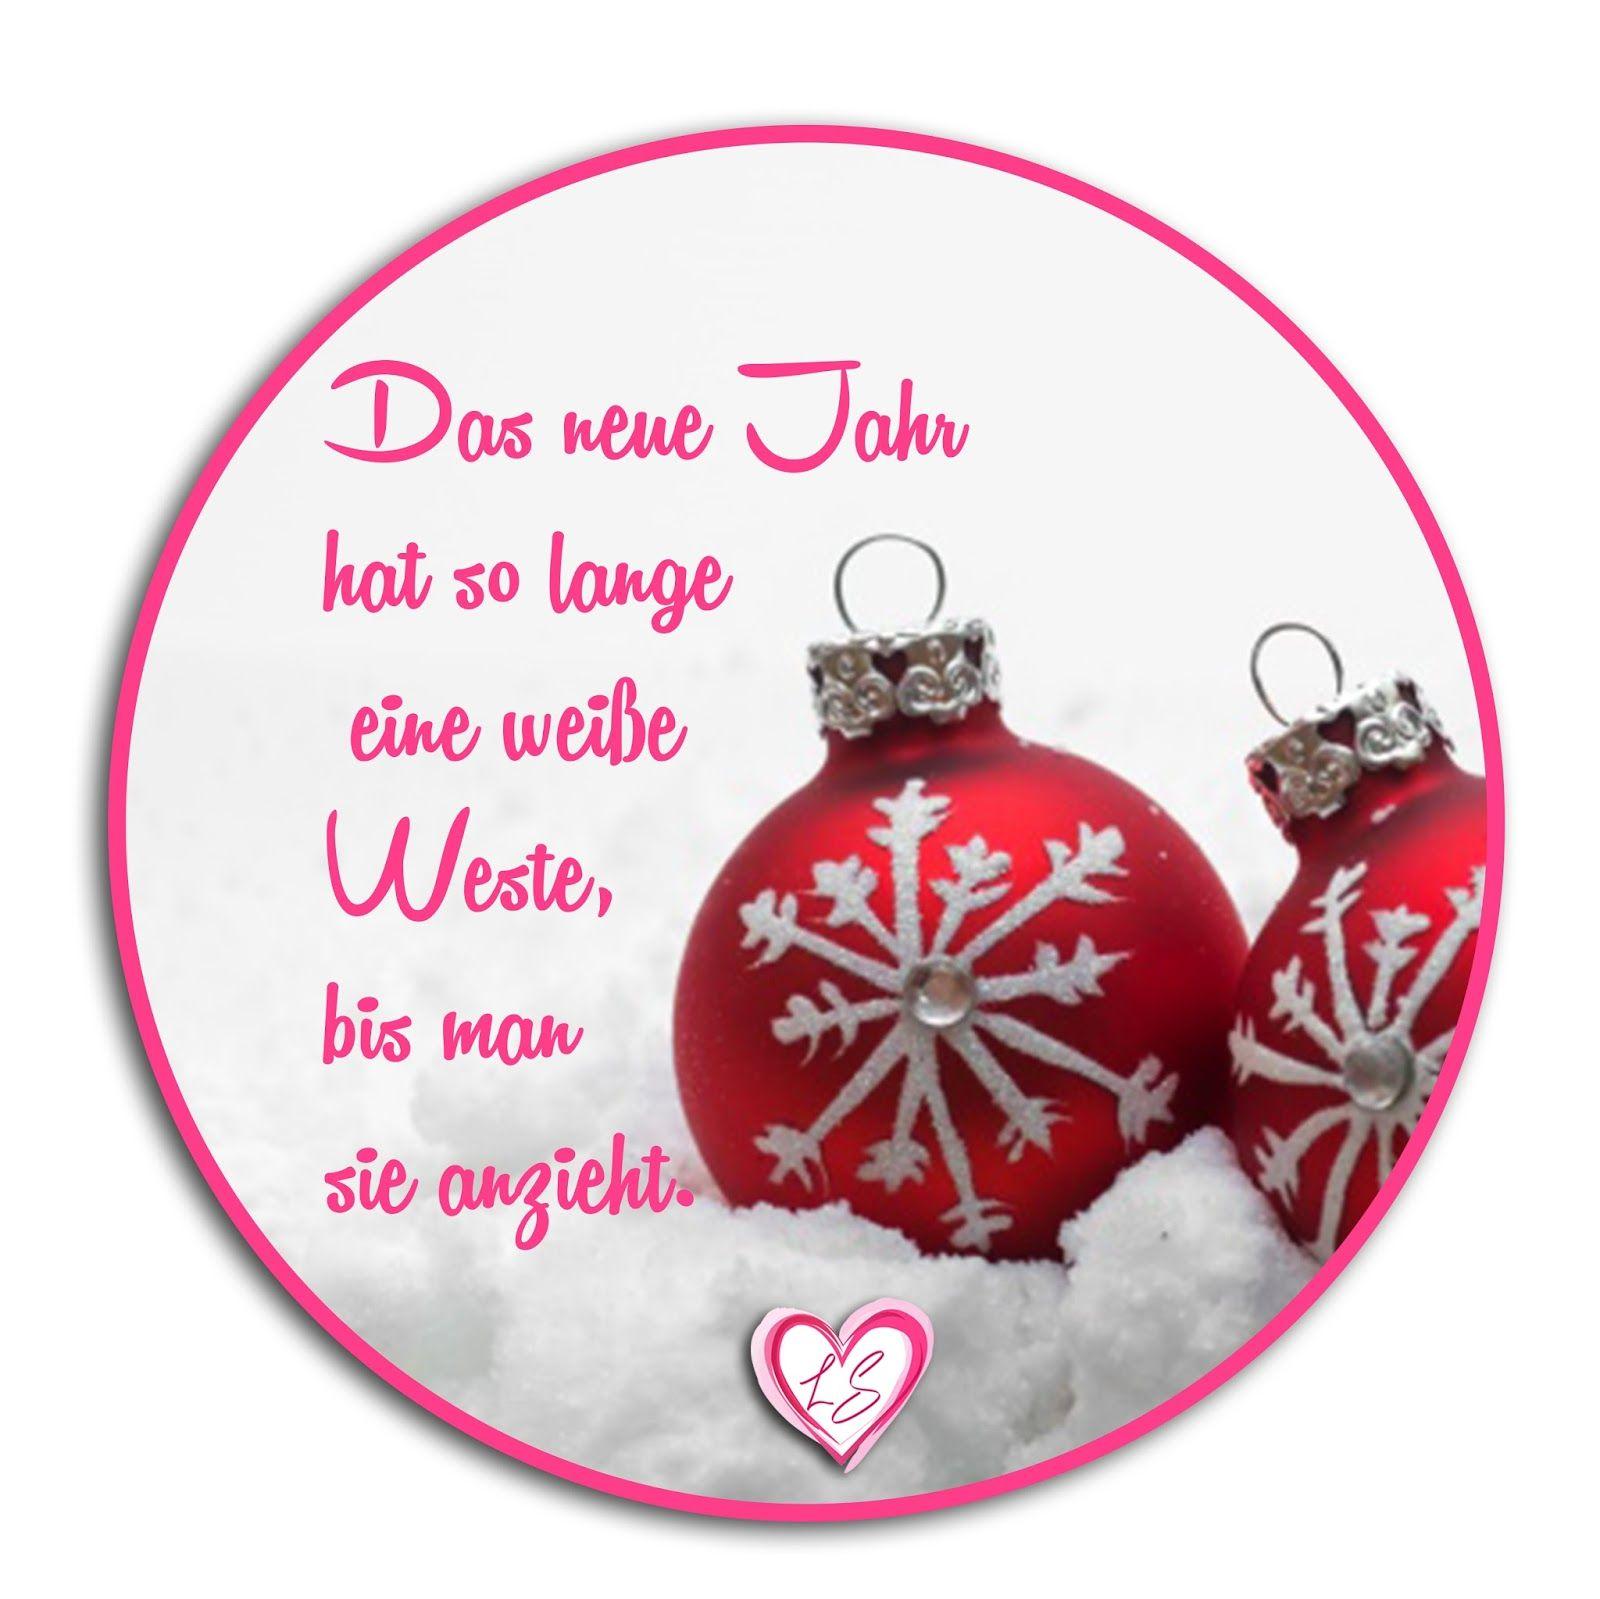 neujahr sprüche kurz | Neujahr SMS | Pinterest | Sprüche neues jahr ...